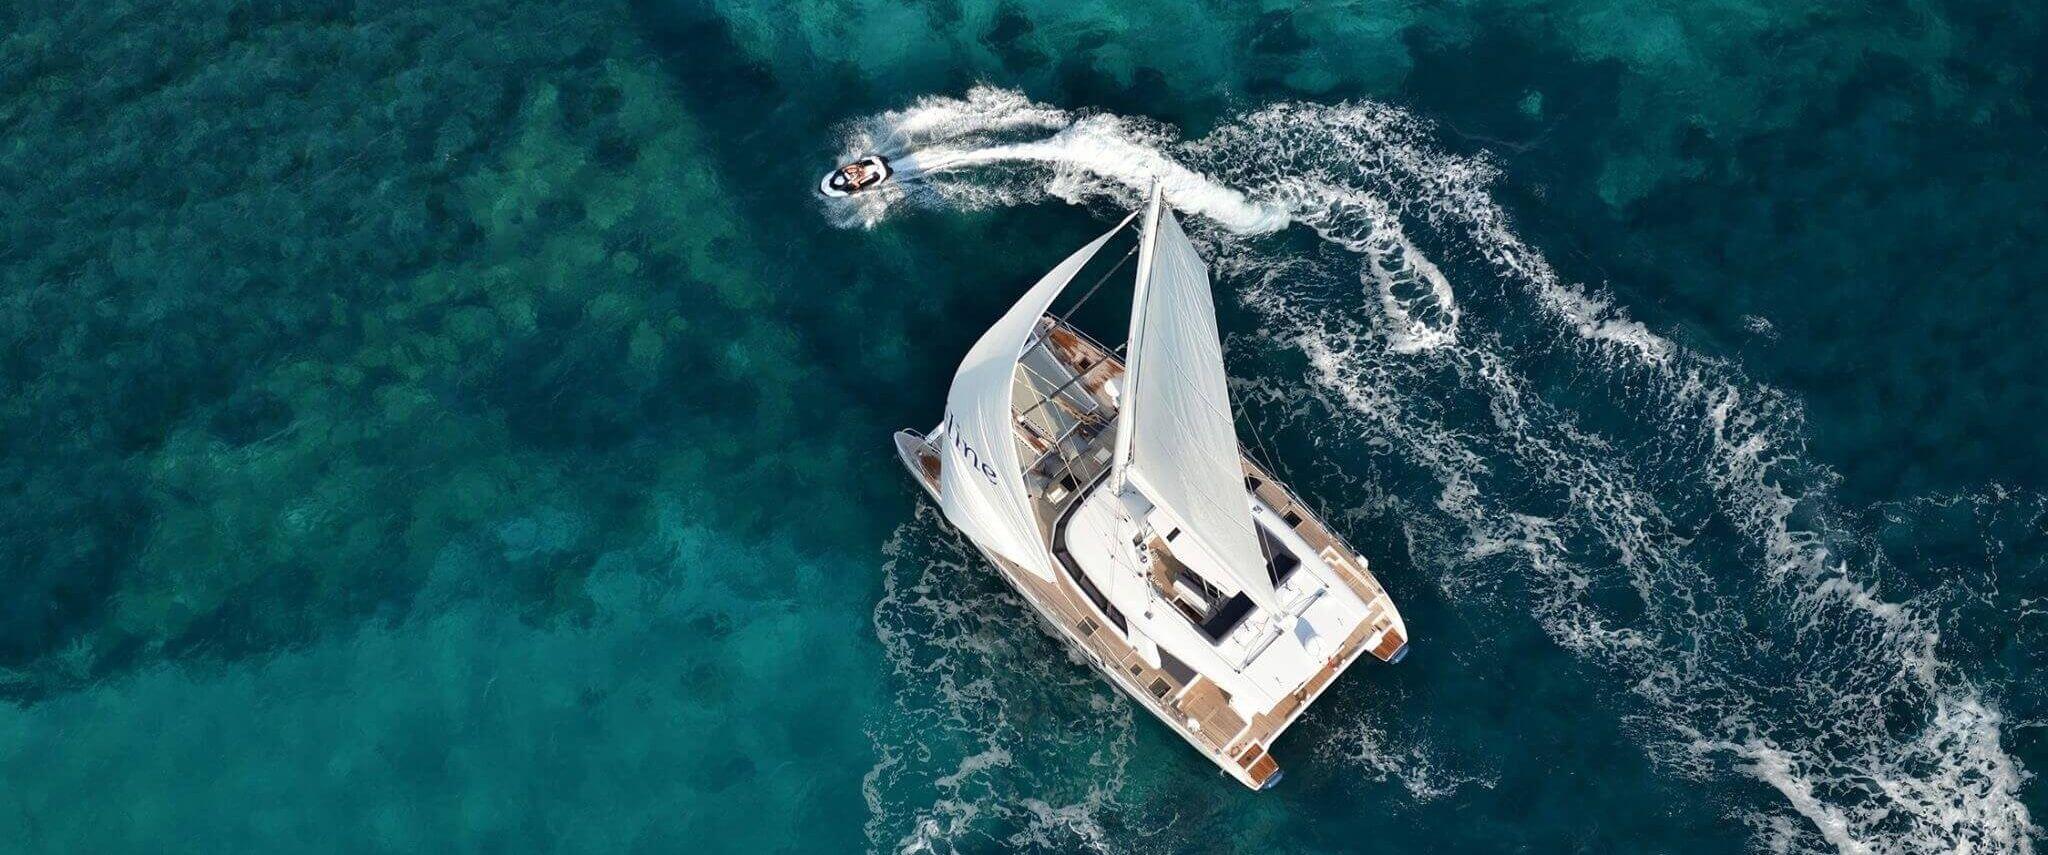 Catamaran du thuyền hai thân